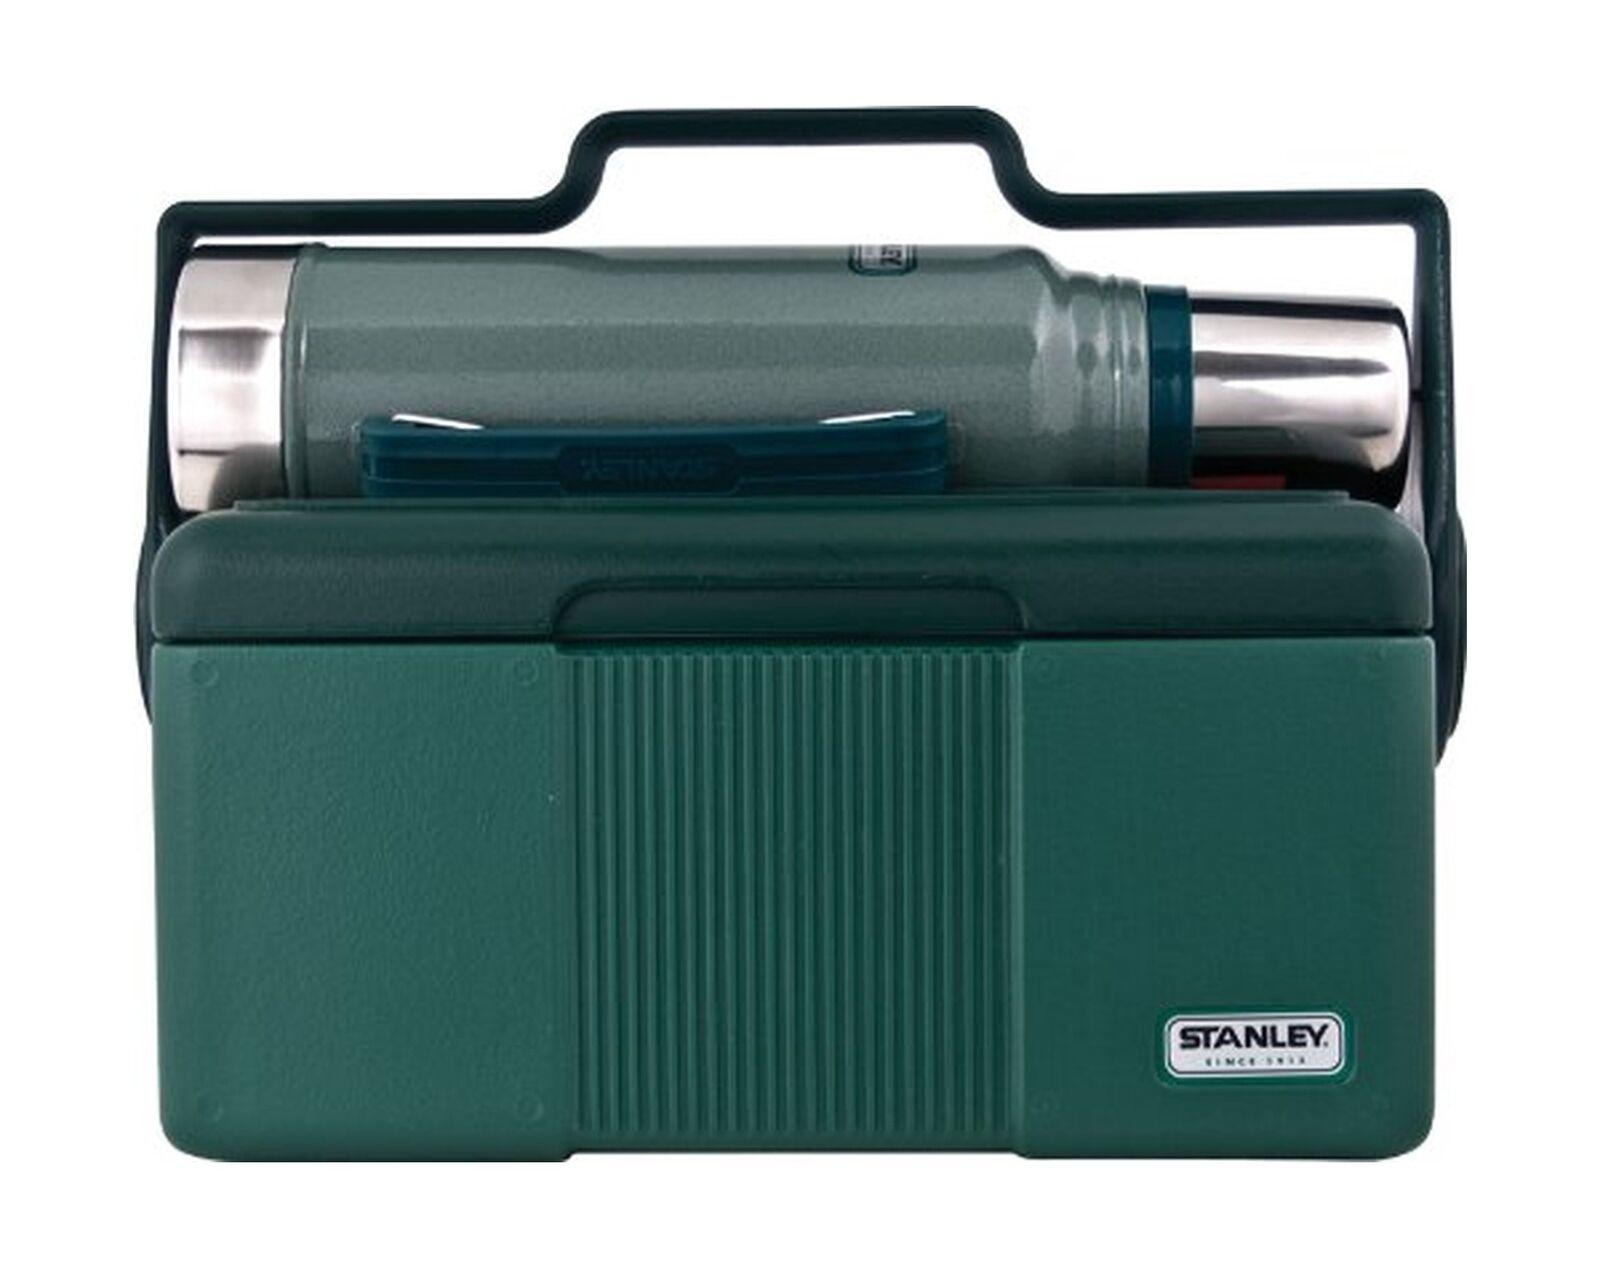 Stanley 7 Qt Enfriador de patrimonio con el clásico 1.1 Qt Botella de vacío